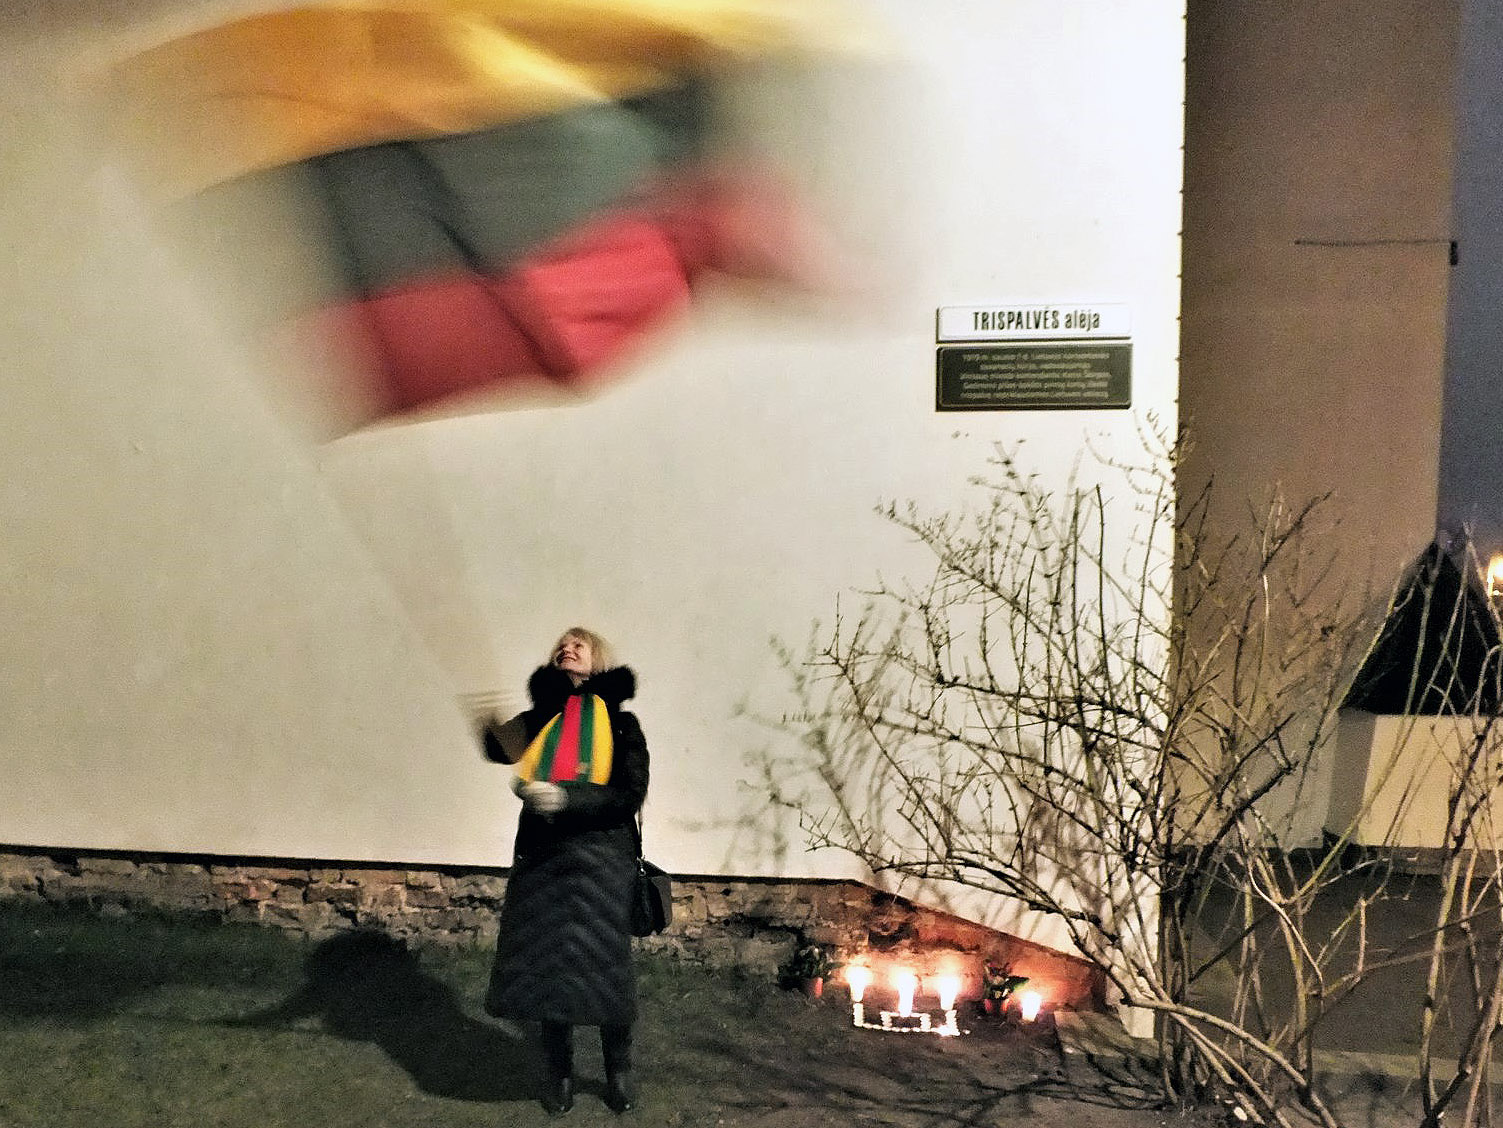 Policija sulaikė aktyvią K. Škirpos gynėja už mojavimą tautine vėliava | V. Sankirtos nuotr.